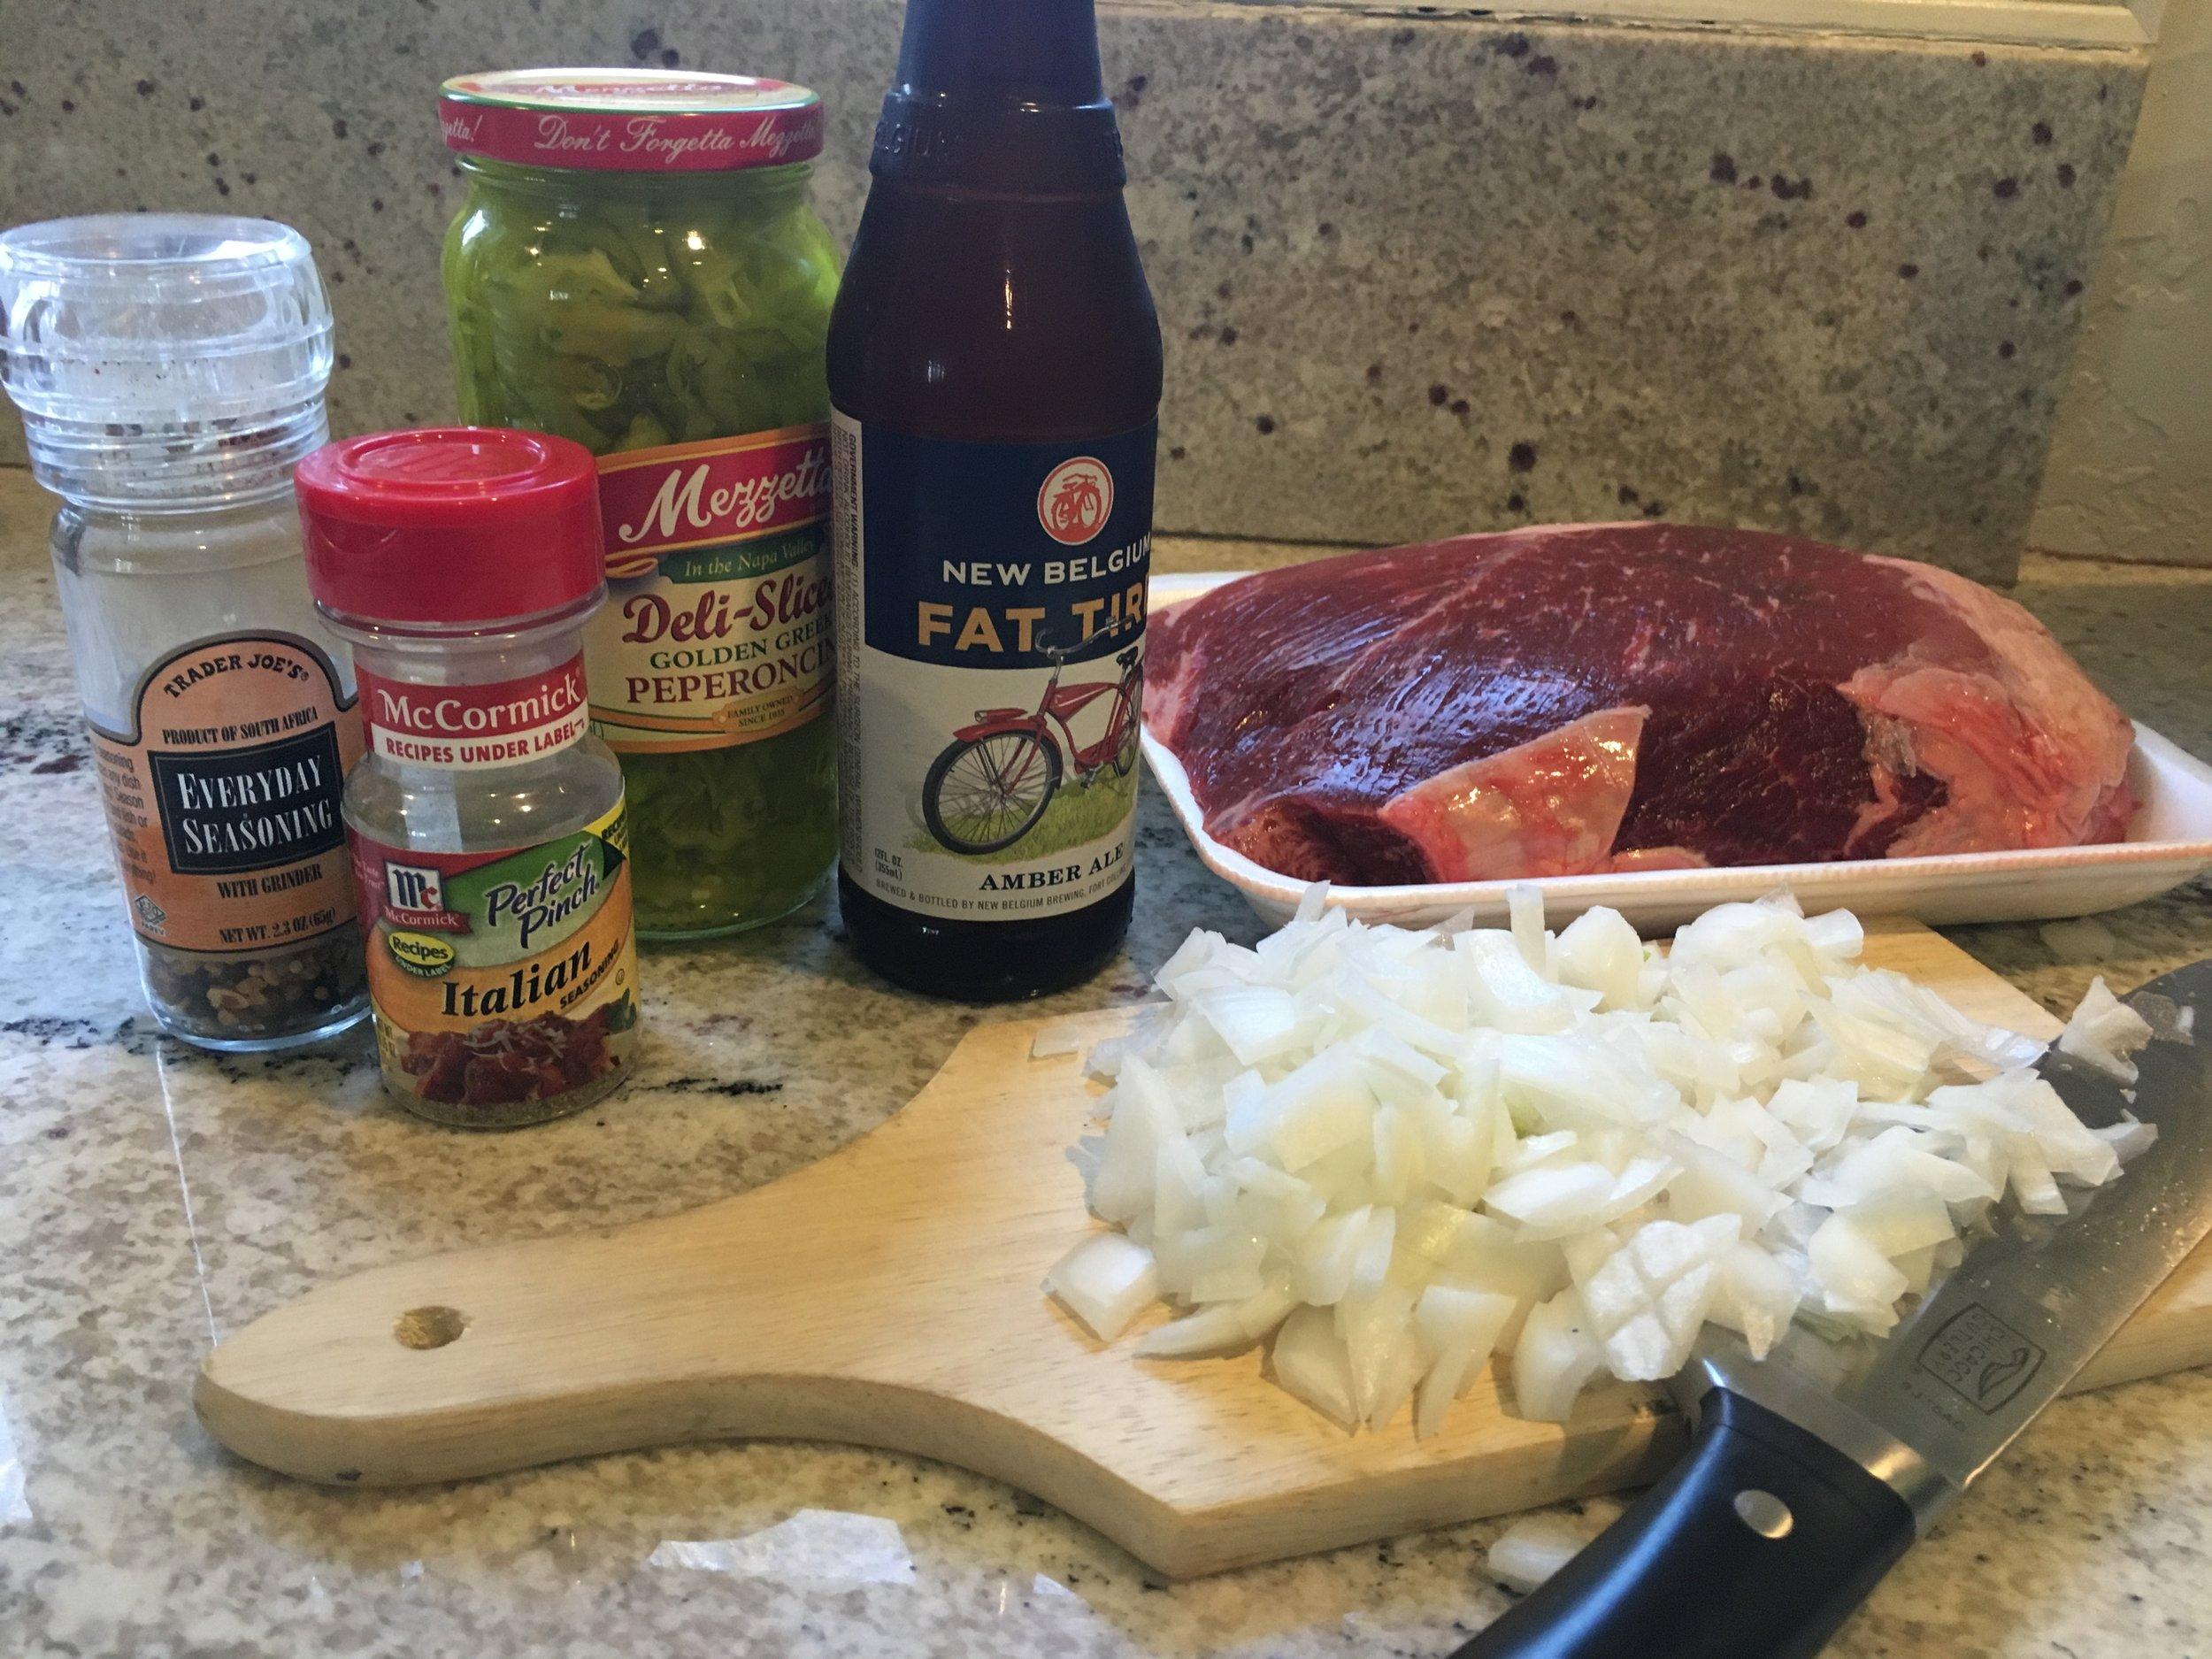 Ingredients for Slow-Cooker Italian Beef